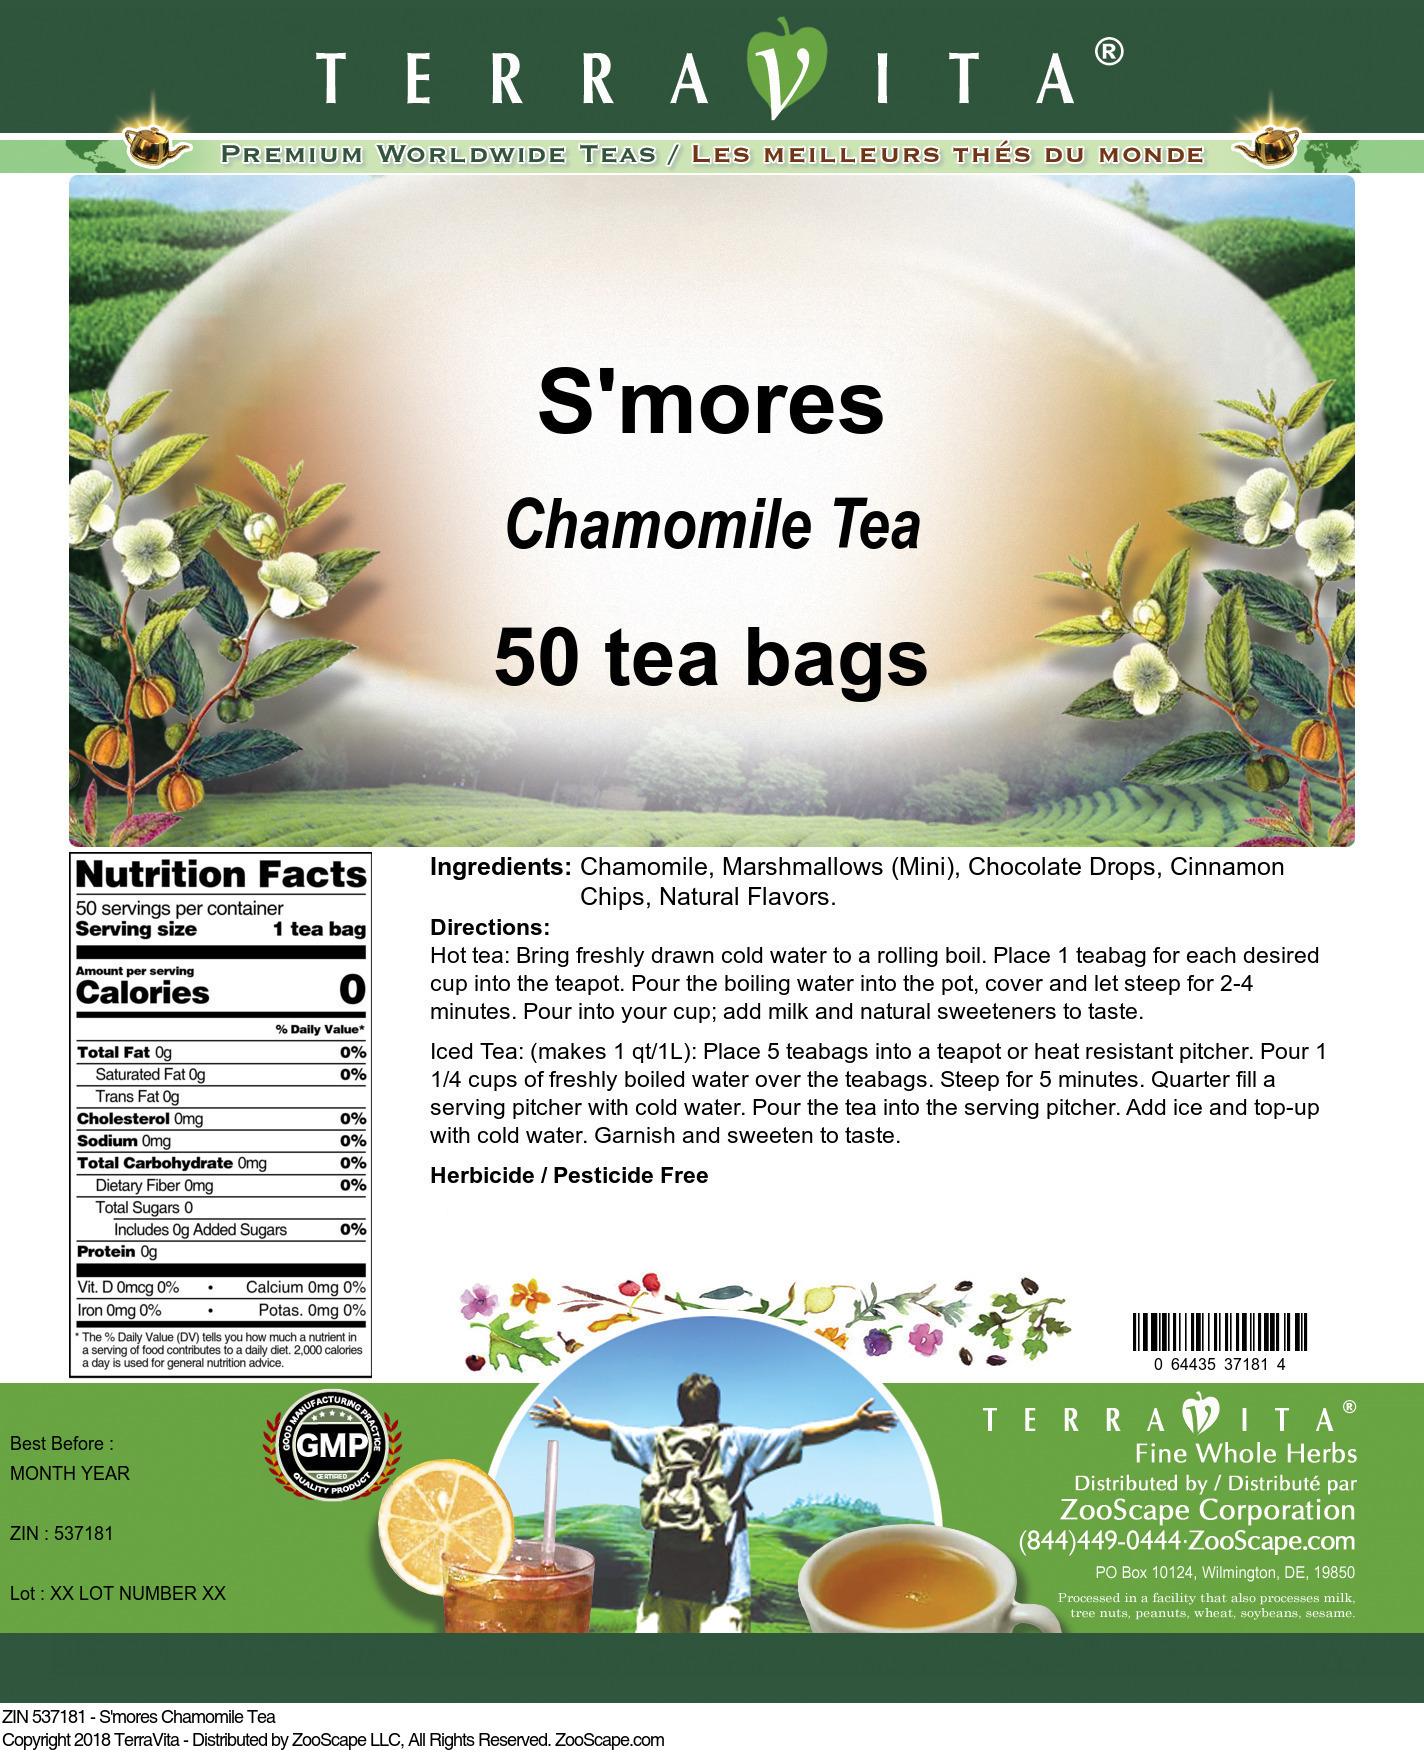 S'mores Chamomile Tea